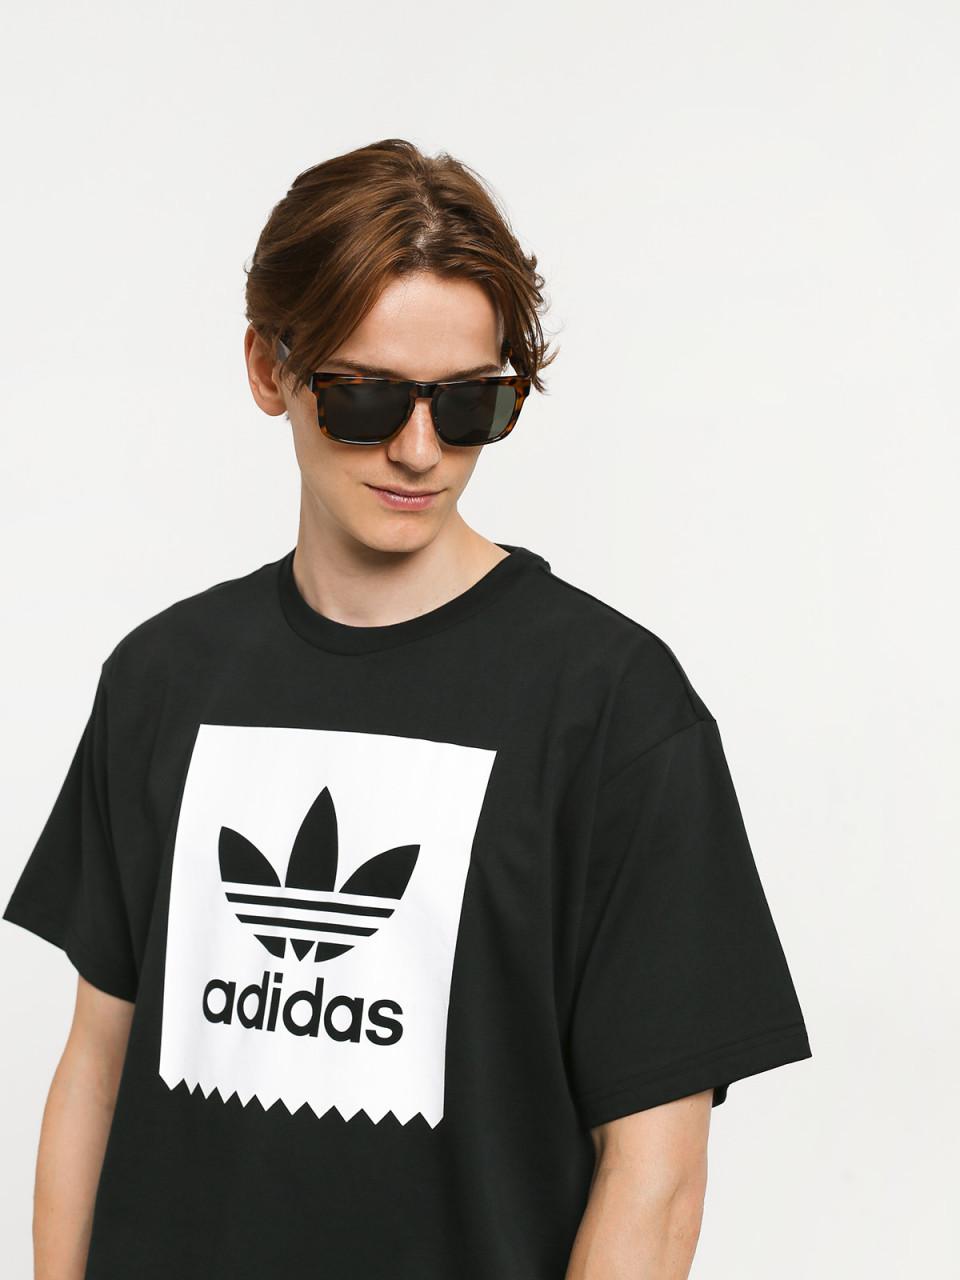 Jak dobierać odpowiednie koszulki